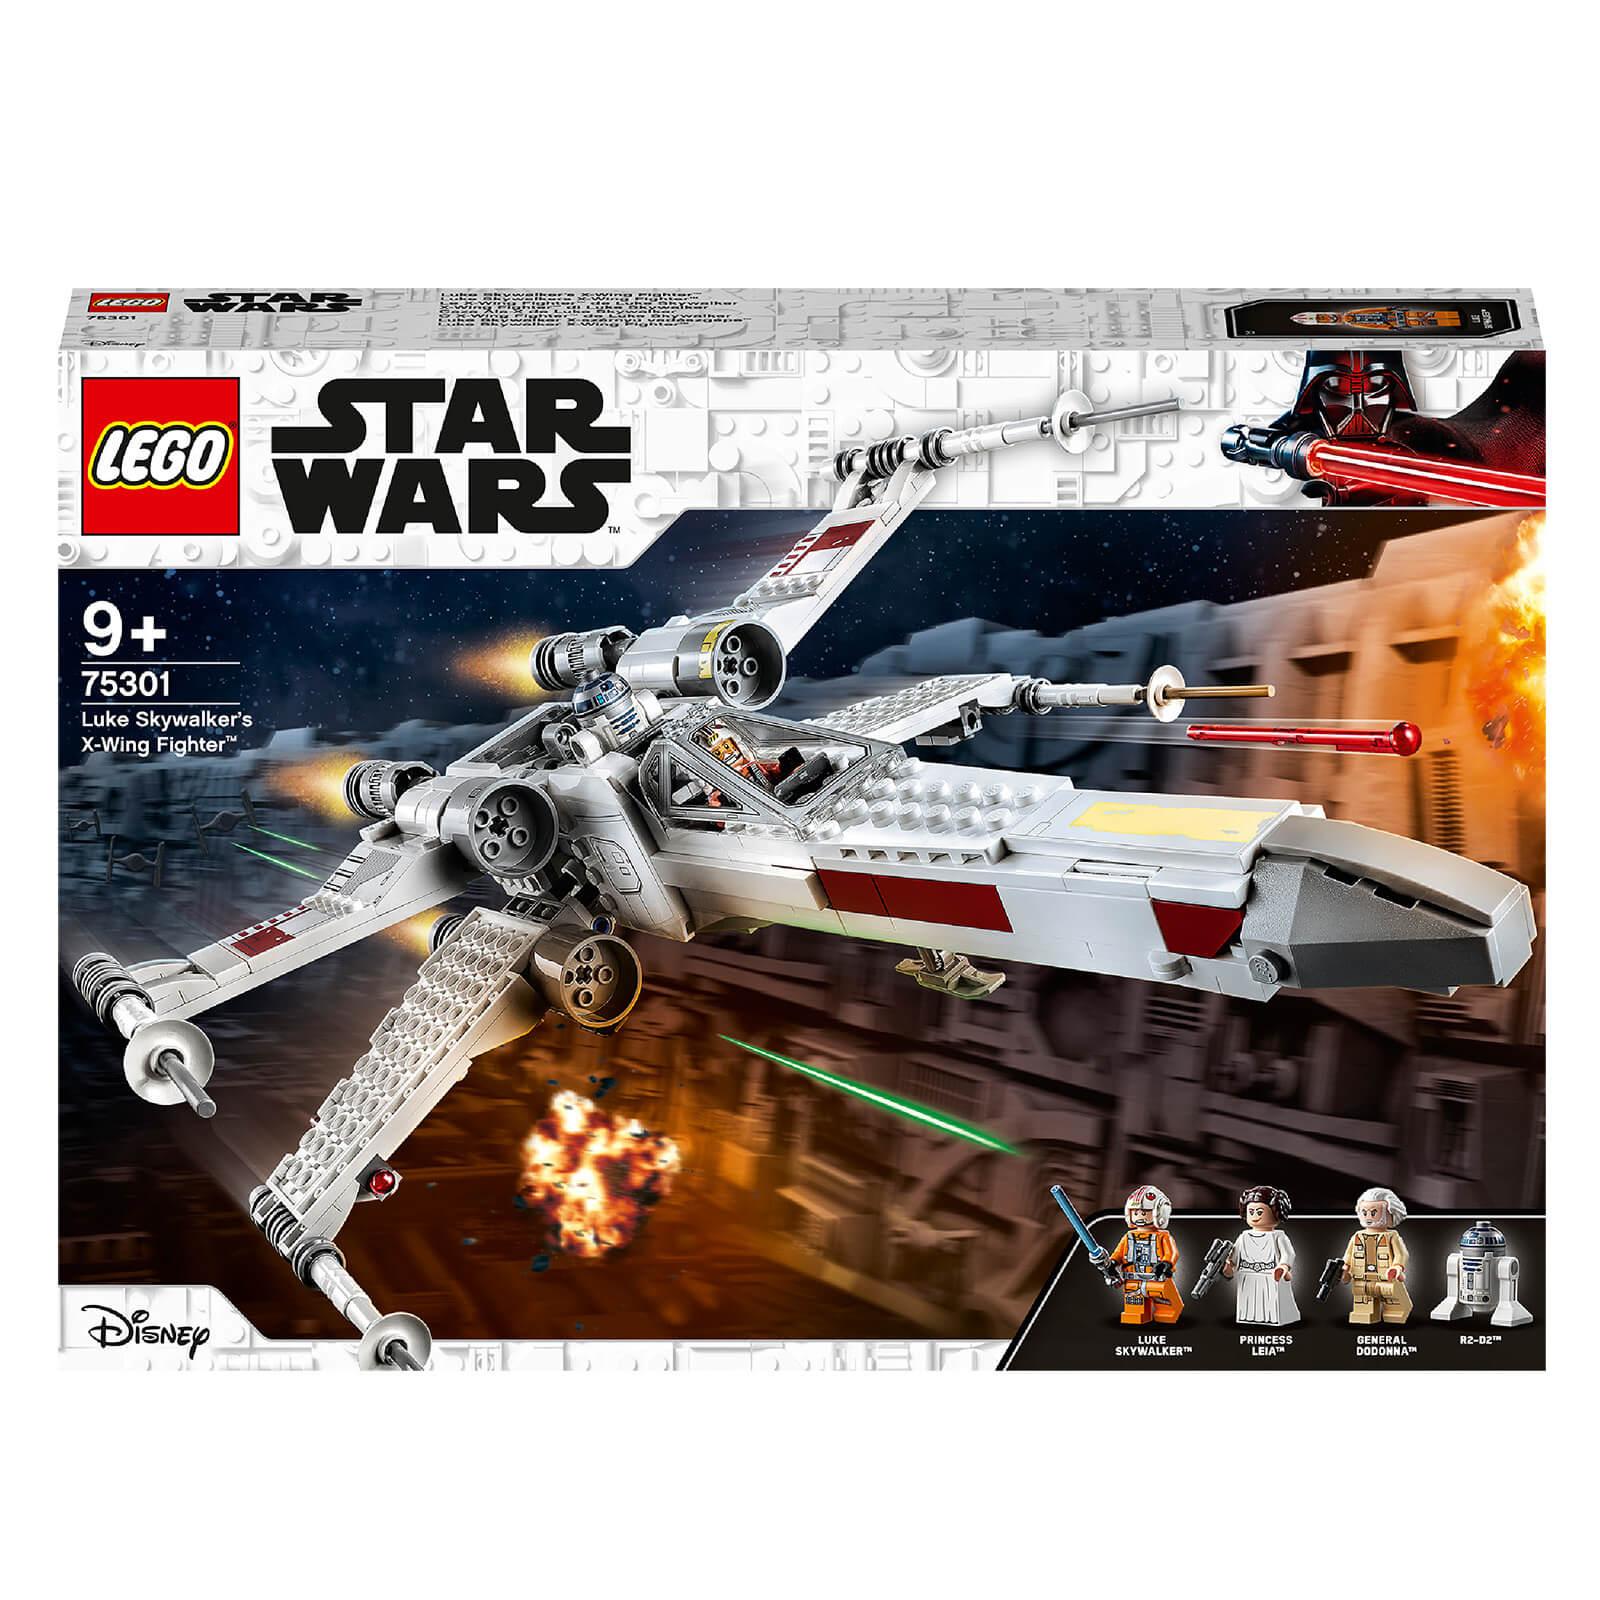 Image of LEGO Star Wars: Luke Skywalker's X-Wing Fighter Toy (75301)